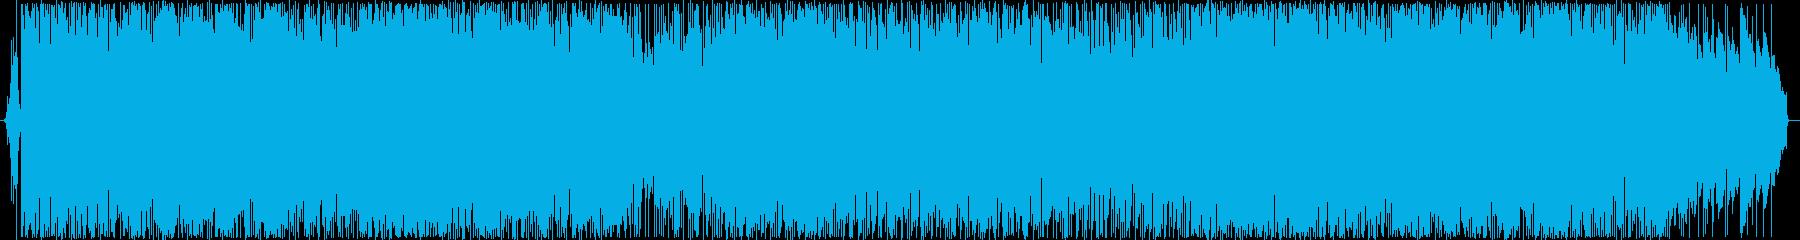 都会派オシャレ系さわやかなギターサウンドの再生済みの波形